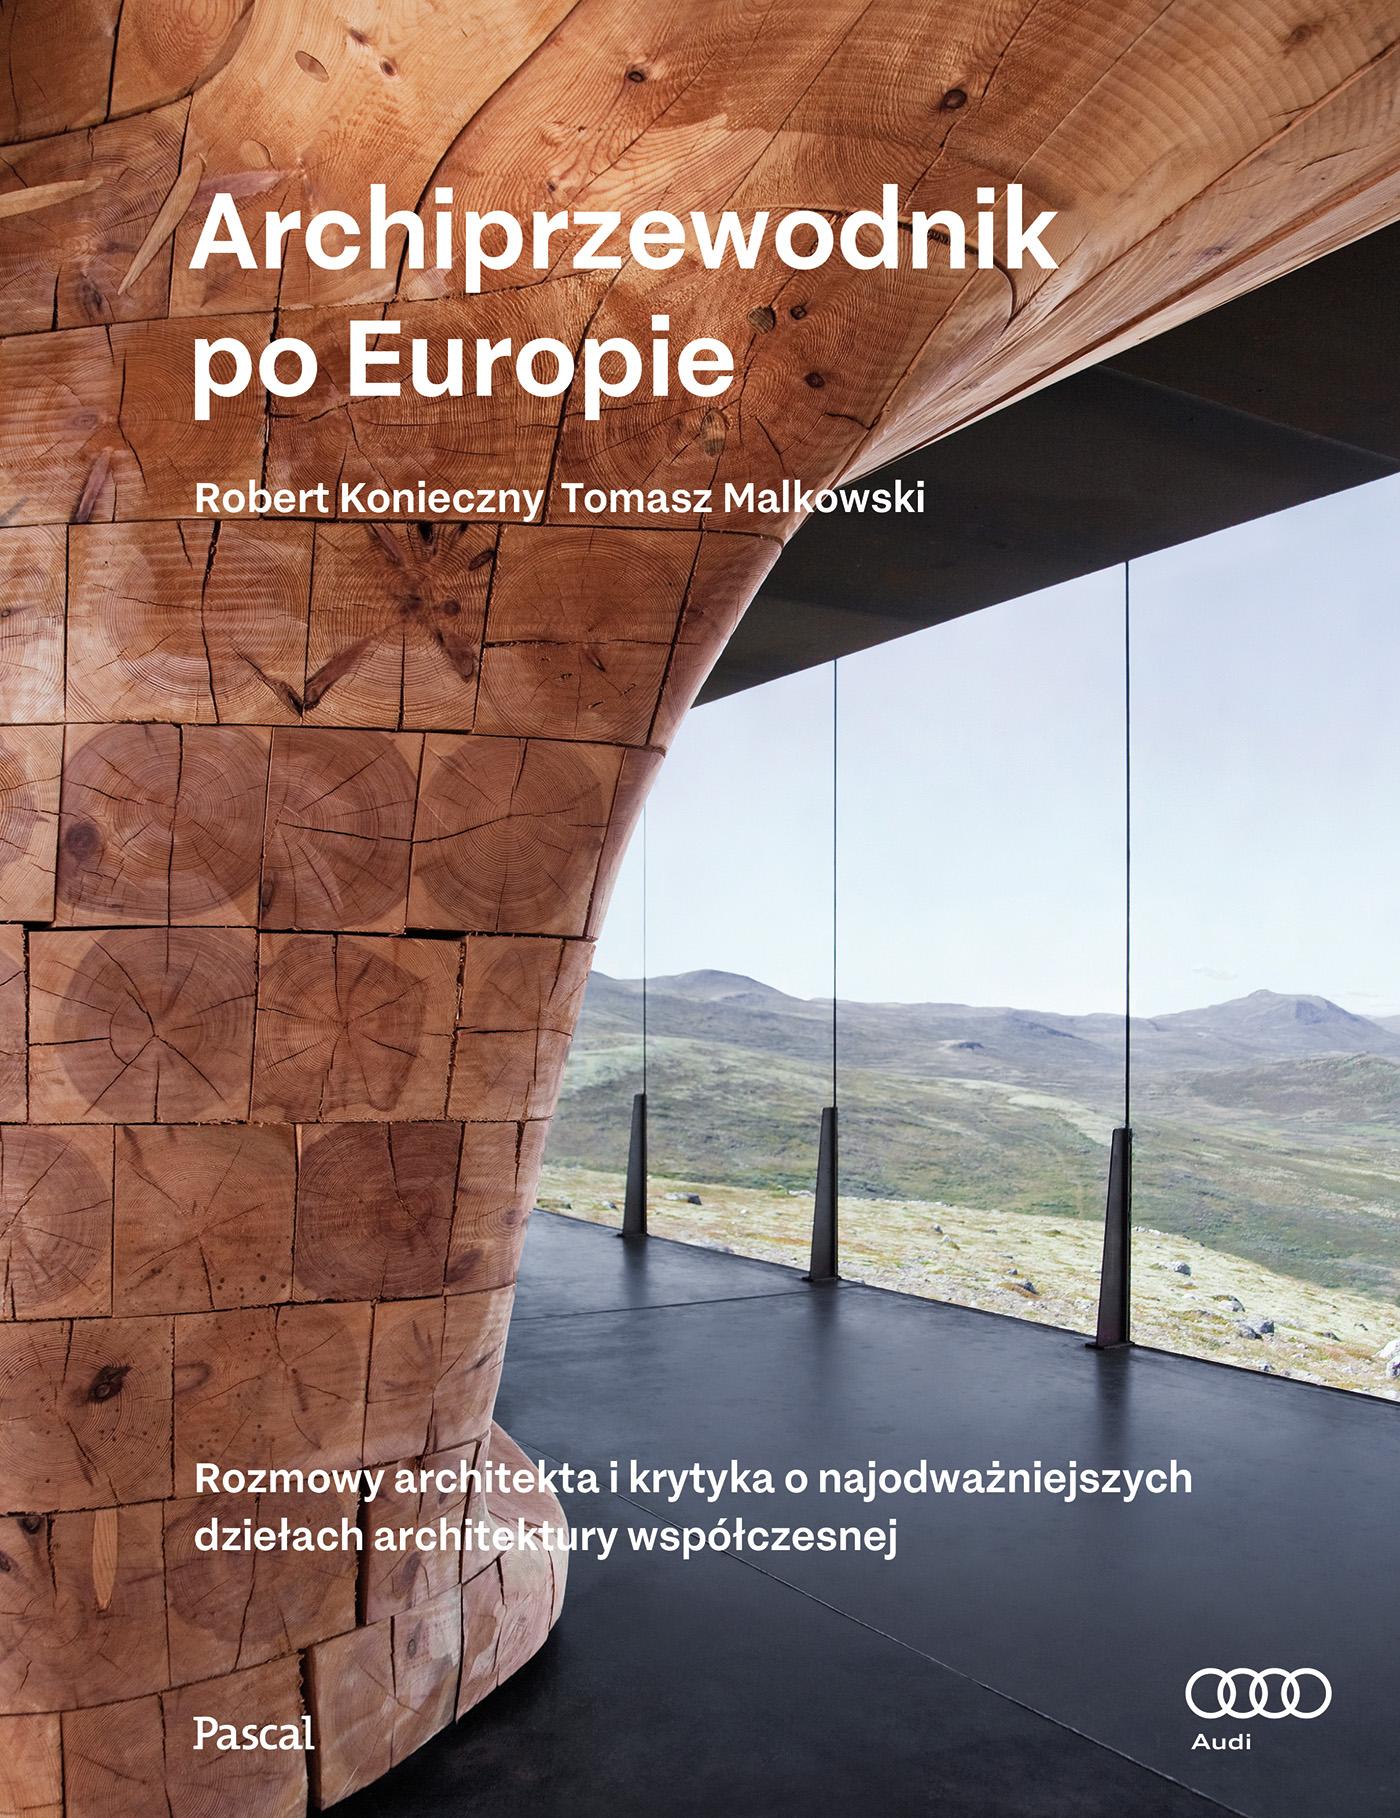 Archiprzewodnik po Europie